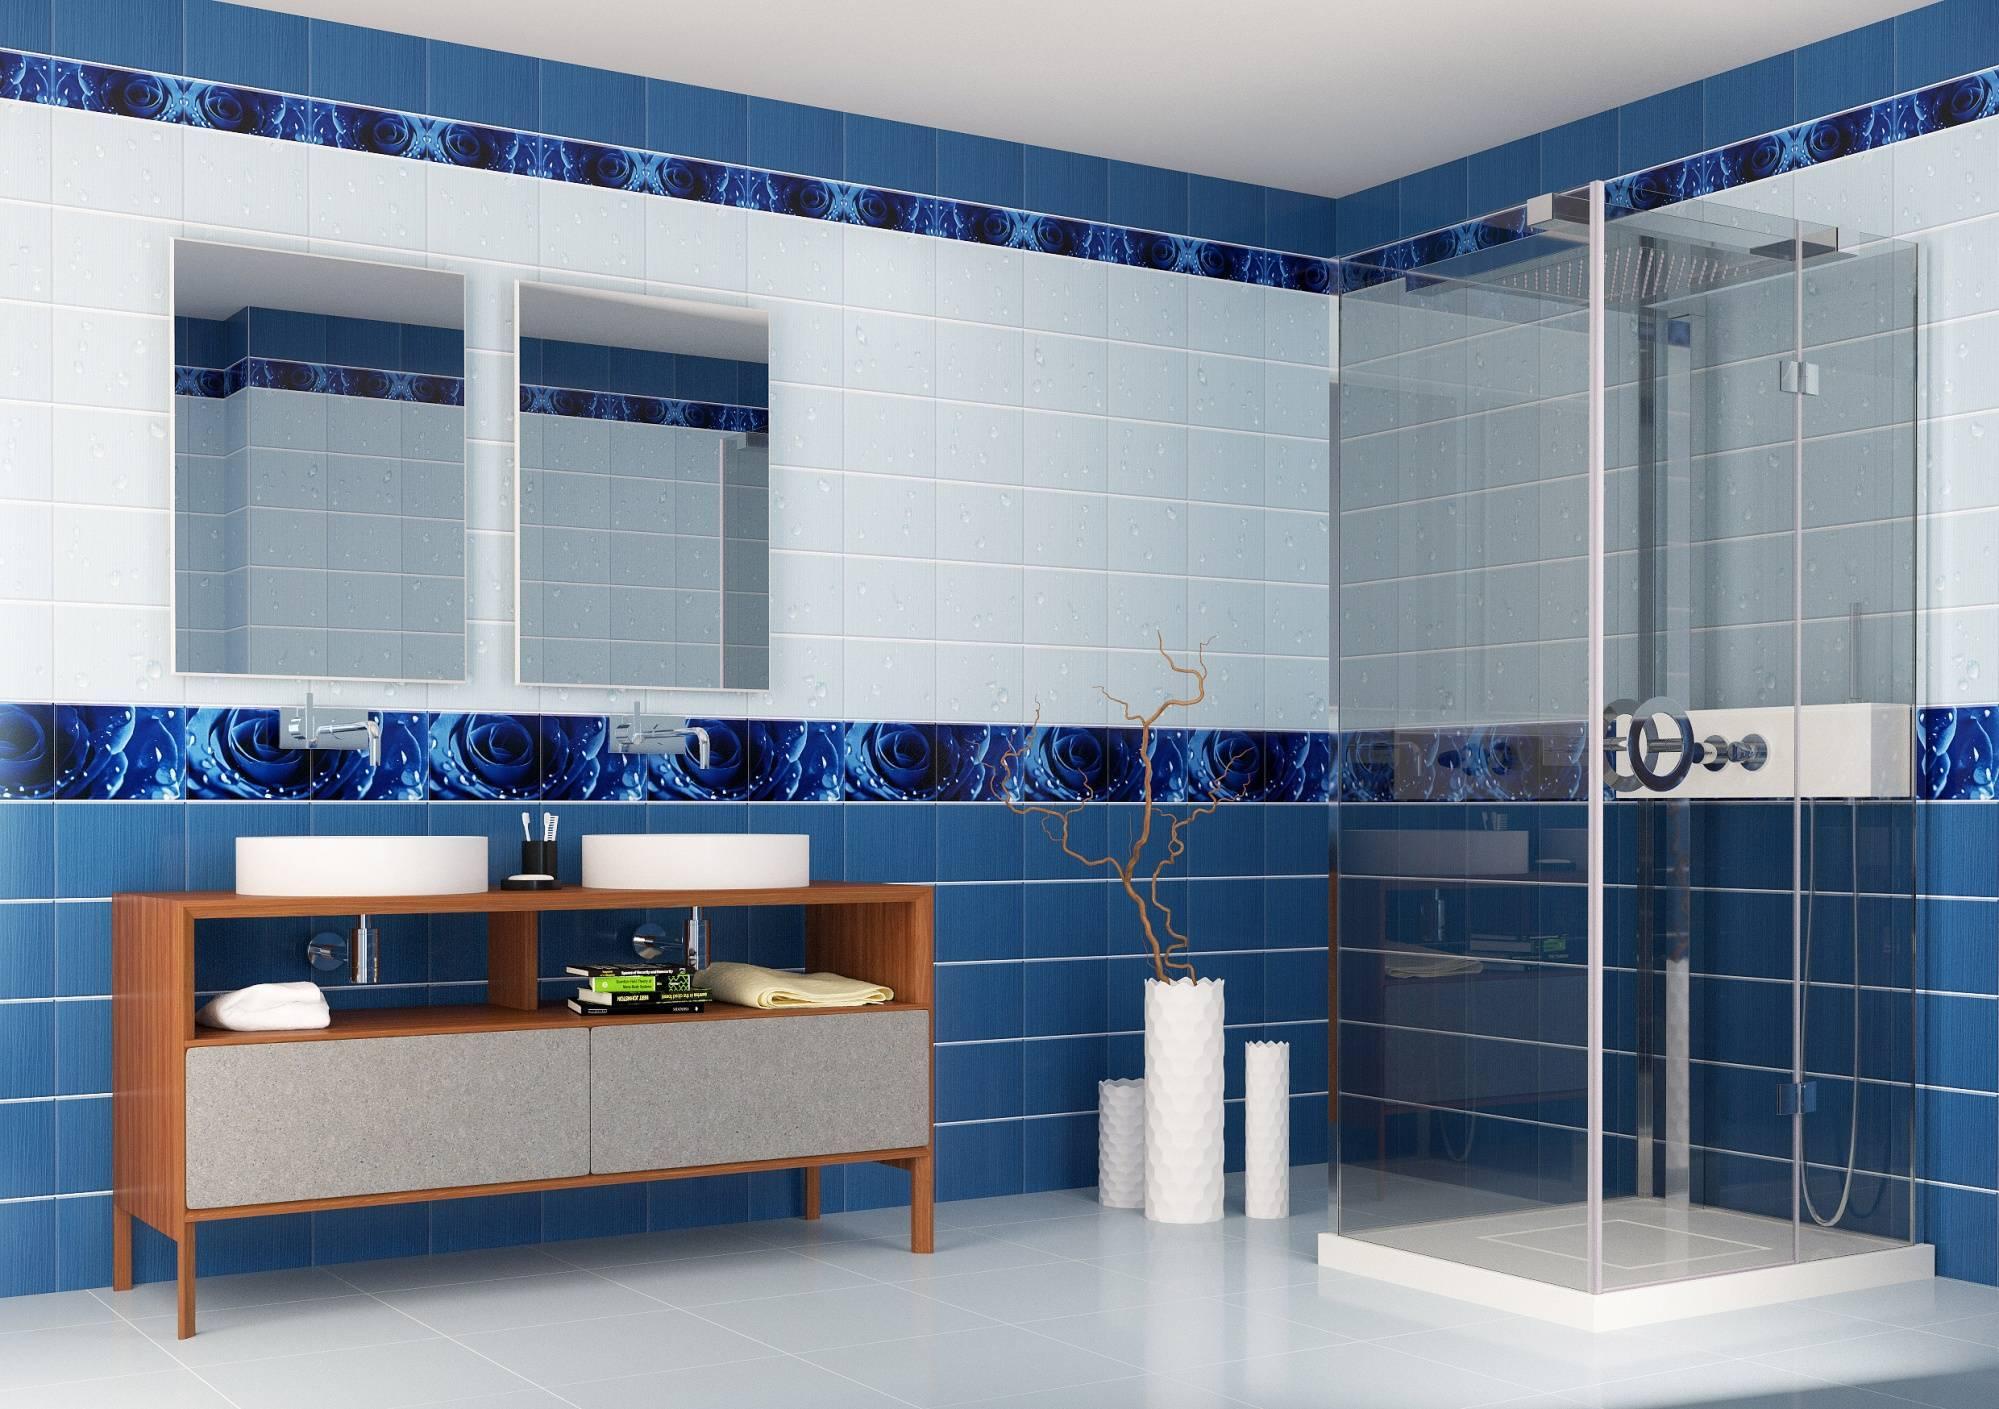 Влагостойкие панели мдф для ванной комнаты — размеры и крепление (фото, видео)